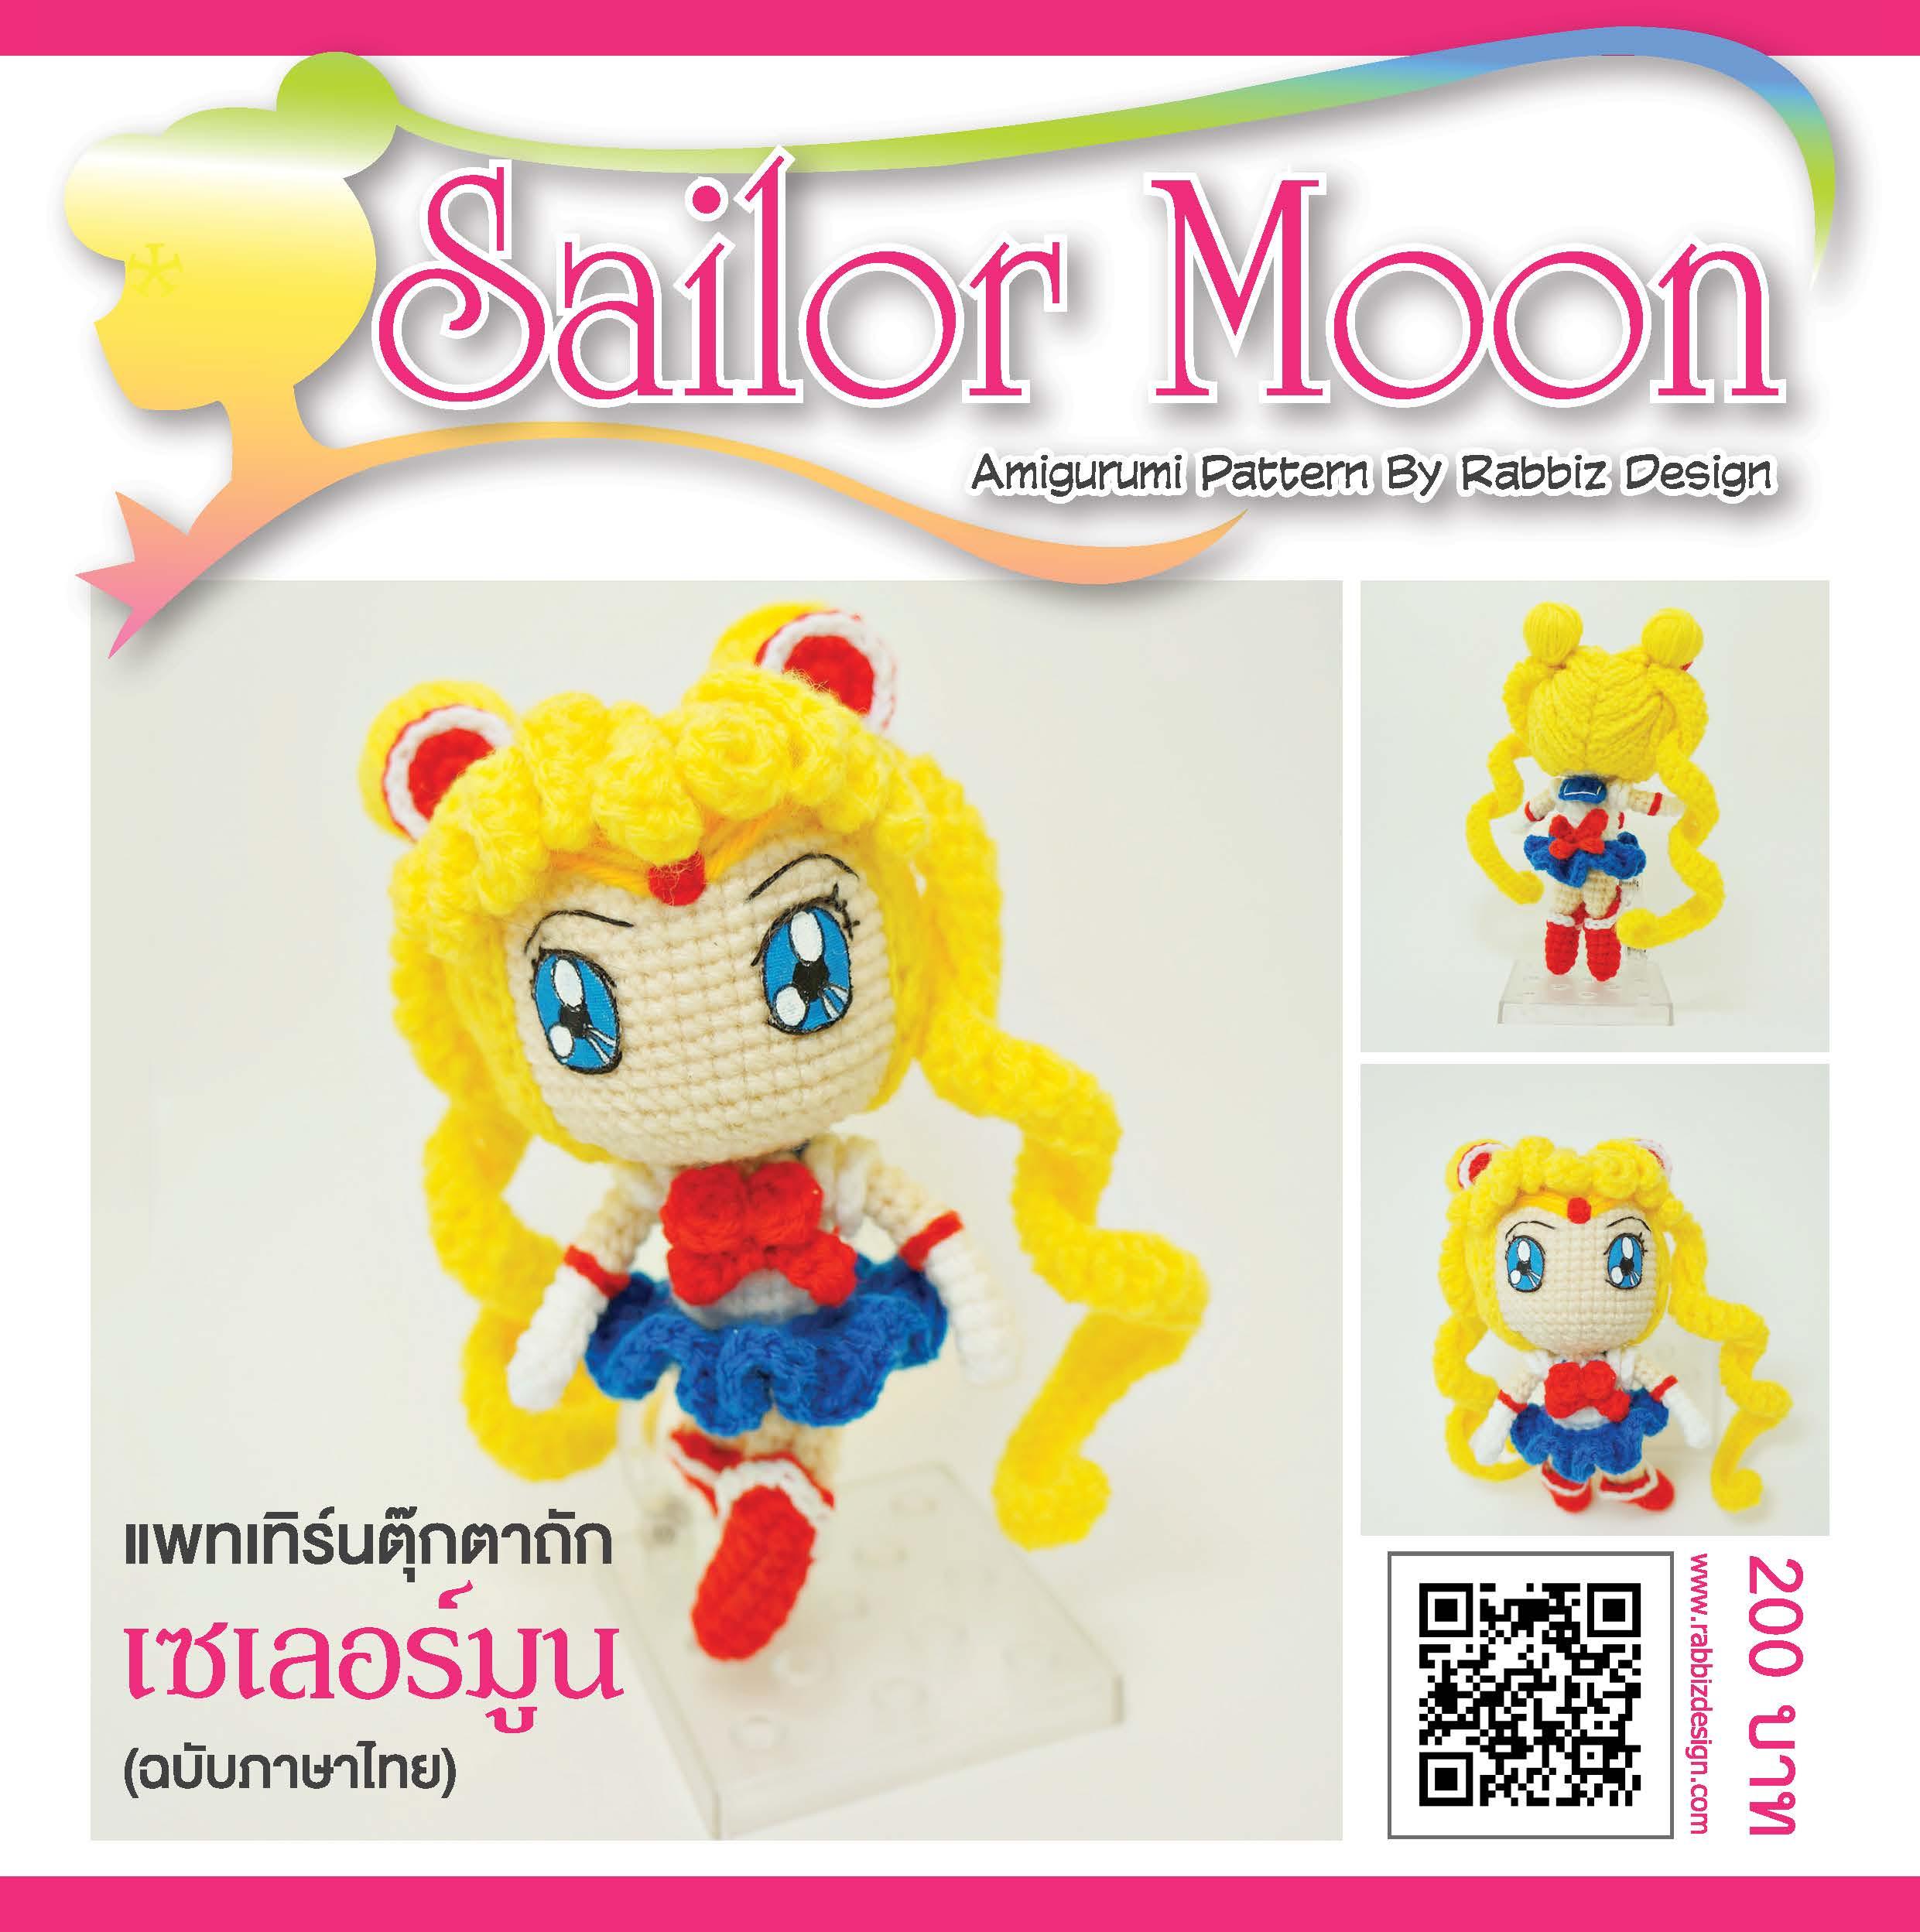 แพทเทิร์นตุ๊กตาถักเซเลอร์มูน (Sailor Moon Pattern)